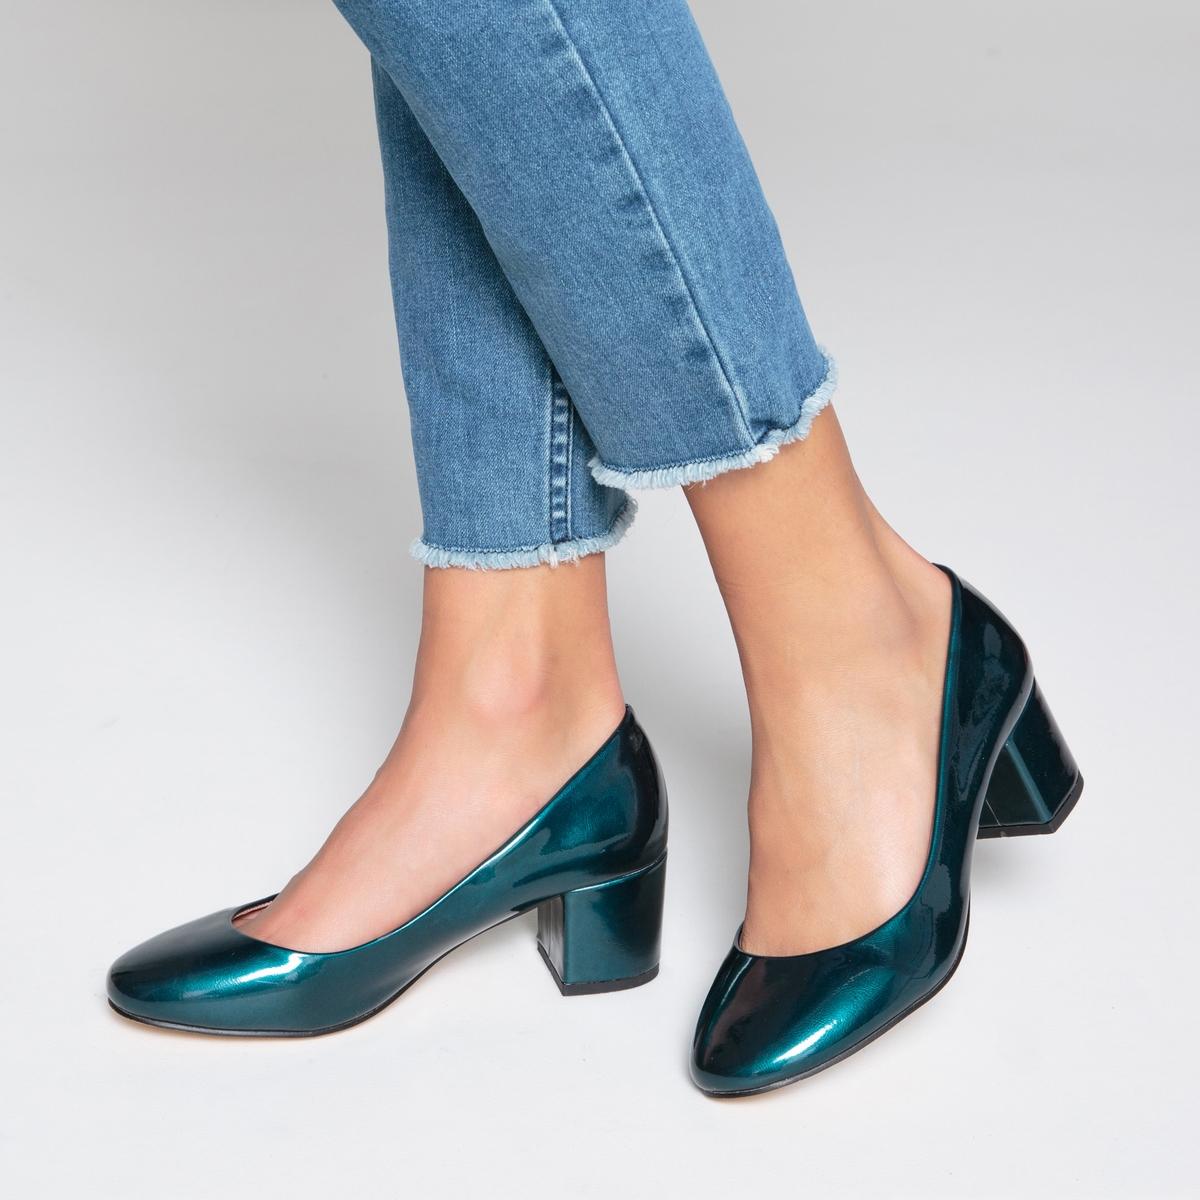 Балетки лакированные на среднем каблукеДетали   •  Высота каблука : 5,5 см •  Круглый мысок •  Застежка : без застежки •  ЛакированныеСостав и уход   •  Верх 100% синтетический материал •  Подкладка 100% синтетический материал •  Стелька 100% кожа •  Подошва 100% эластомер<br><br>Цвет: сине-зеленый,черный<br>Размер: 39.35.40.41